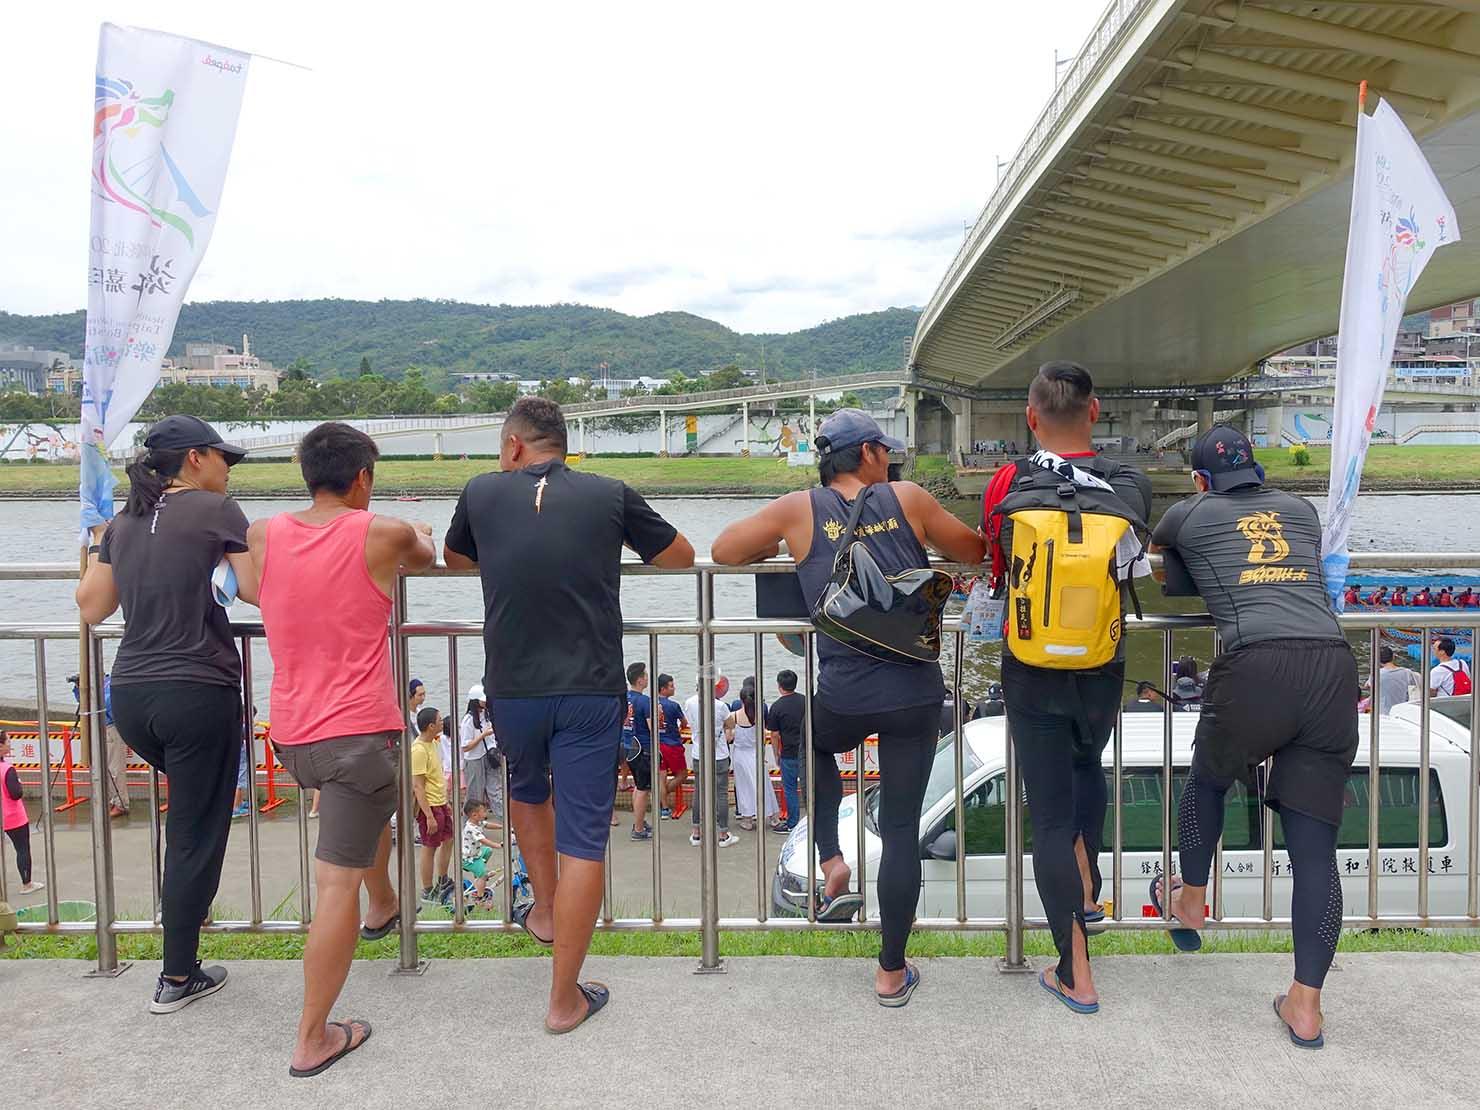 端午節の台北で行われた「龍舟競賽(ドラゴンボートレース)」の会場で試合を鑑賞する選手たち